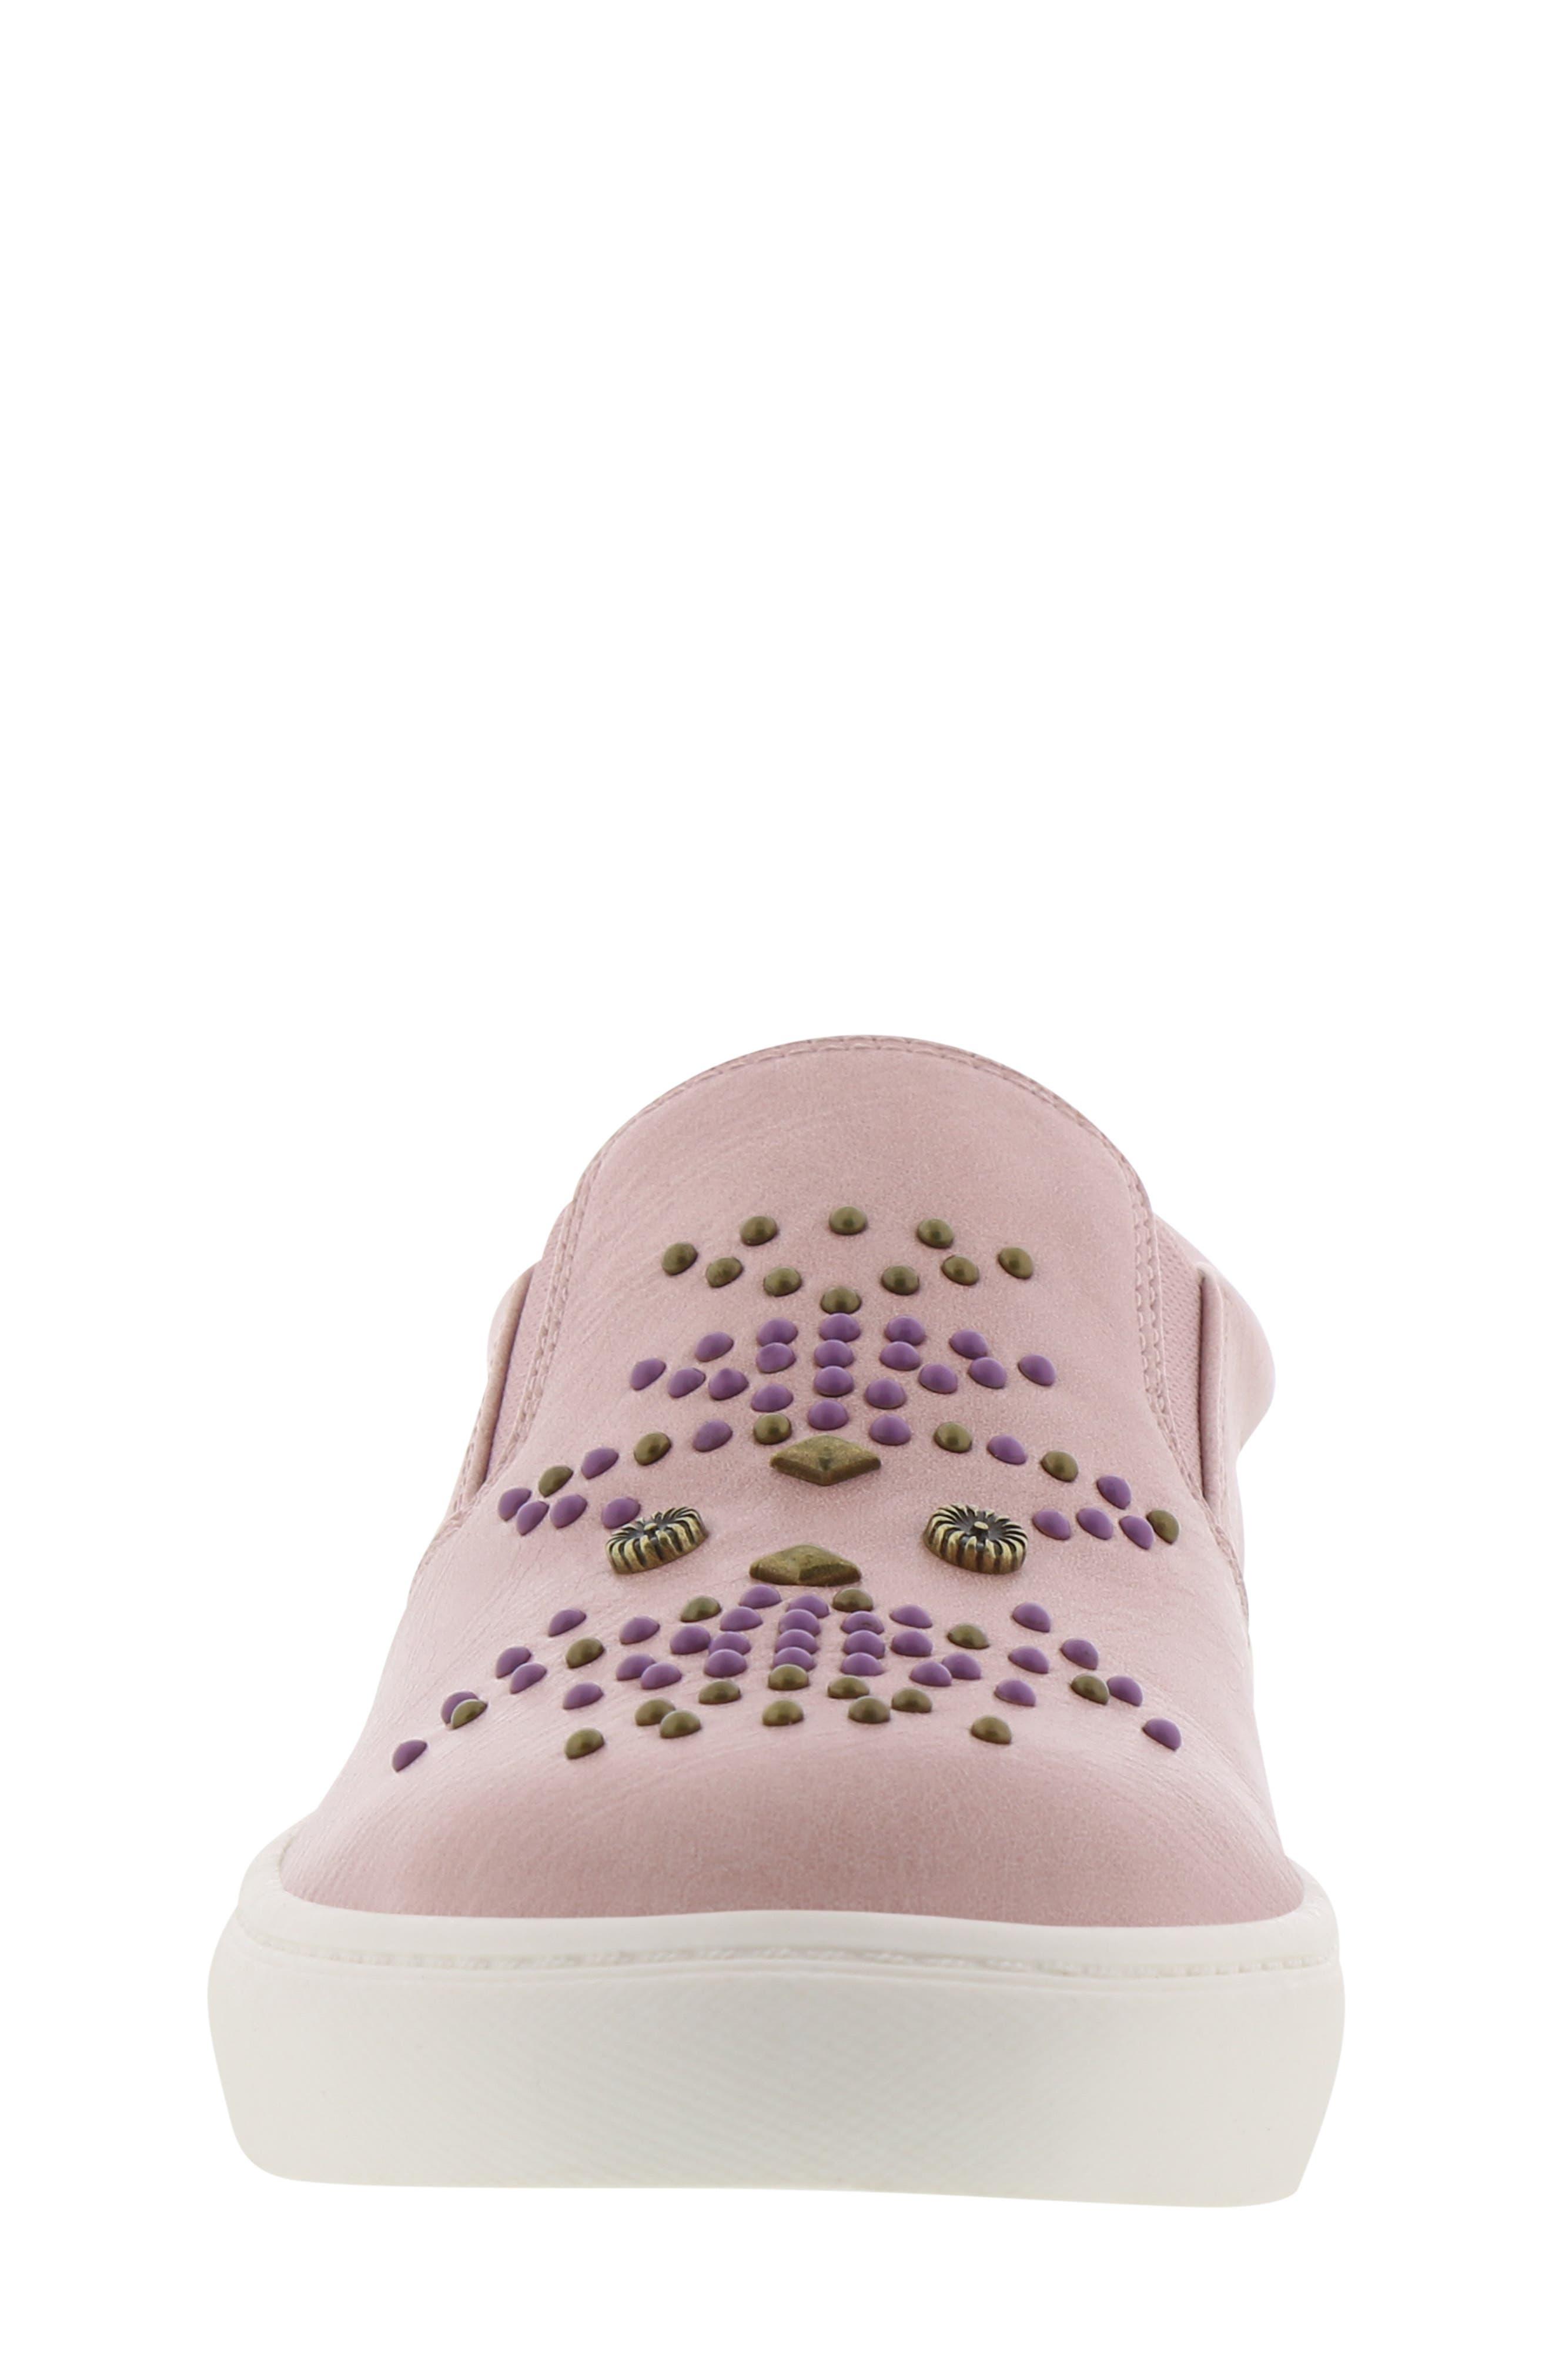 FRYE, Lena Studded Sneaker, Alternate thumbnail 4, color, 686